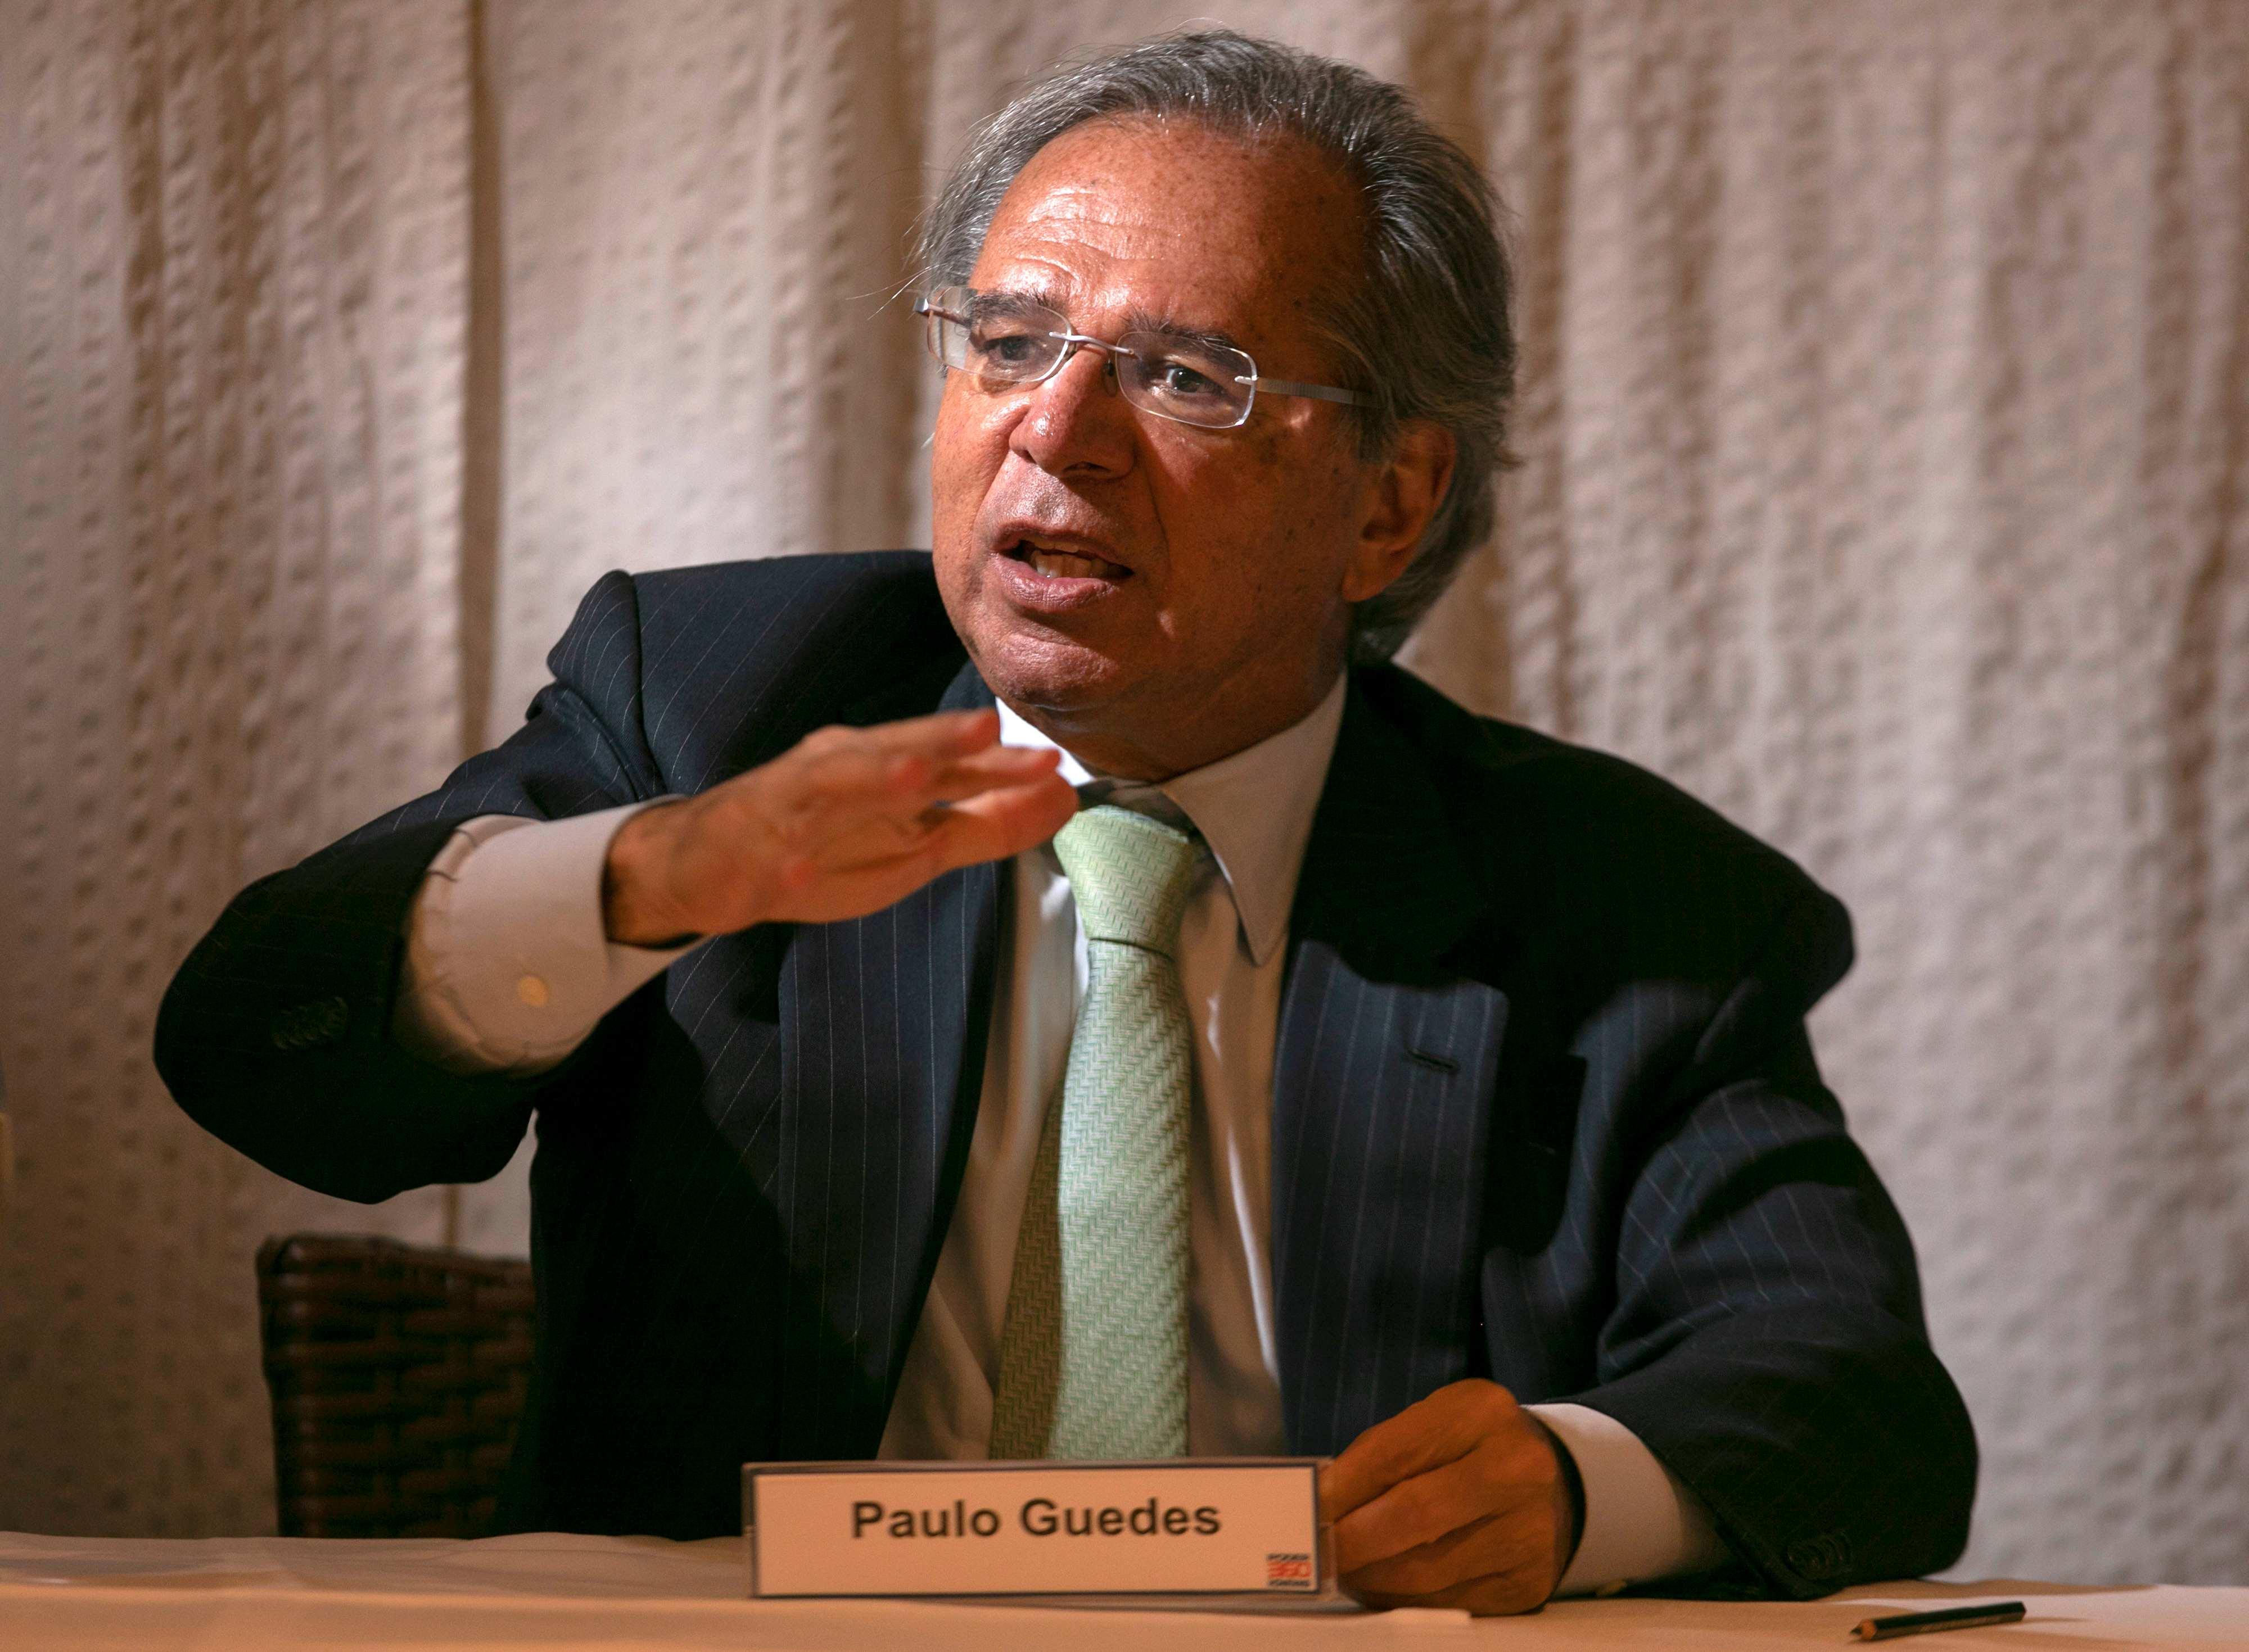 """Guedes: """"se Reforma for ruim ou não passar, pego um avião e vou embora"""""""